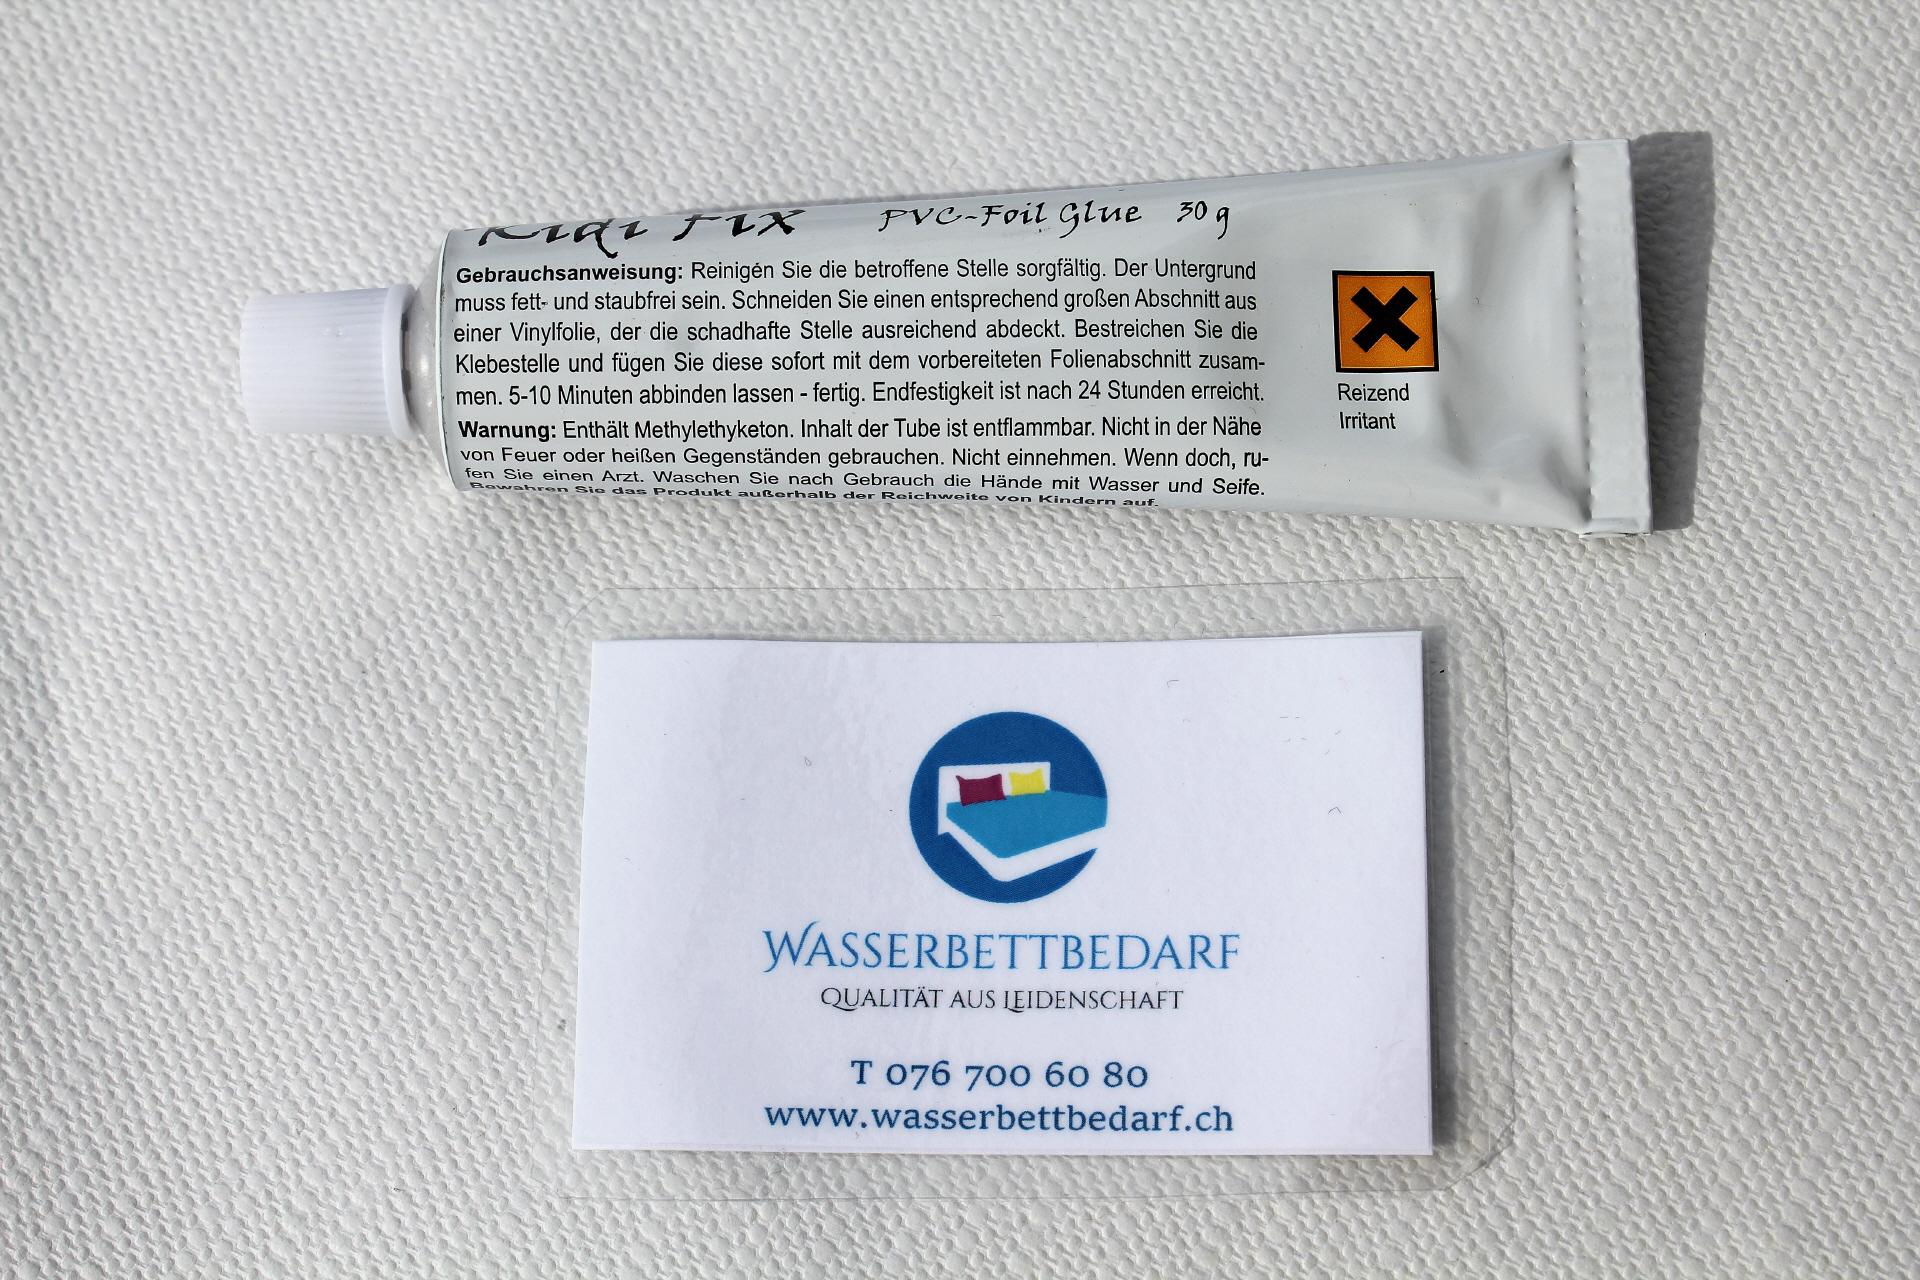 Liebenswert Wasserbettbedarf Galerie Von Kidi Fix - Tube Für Herz Op